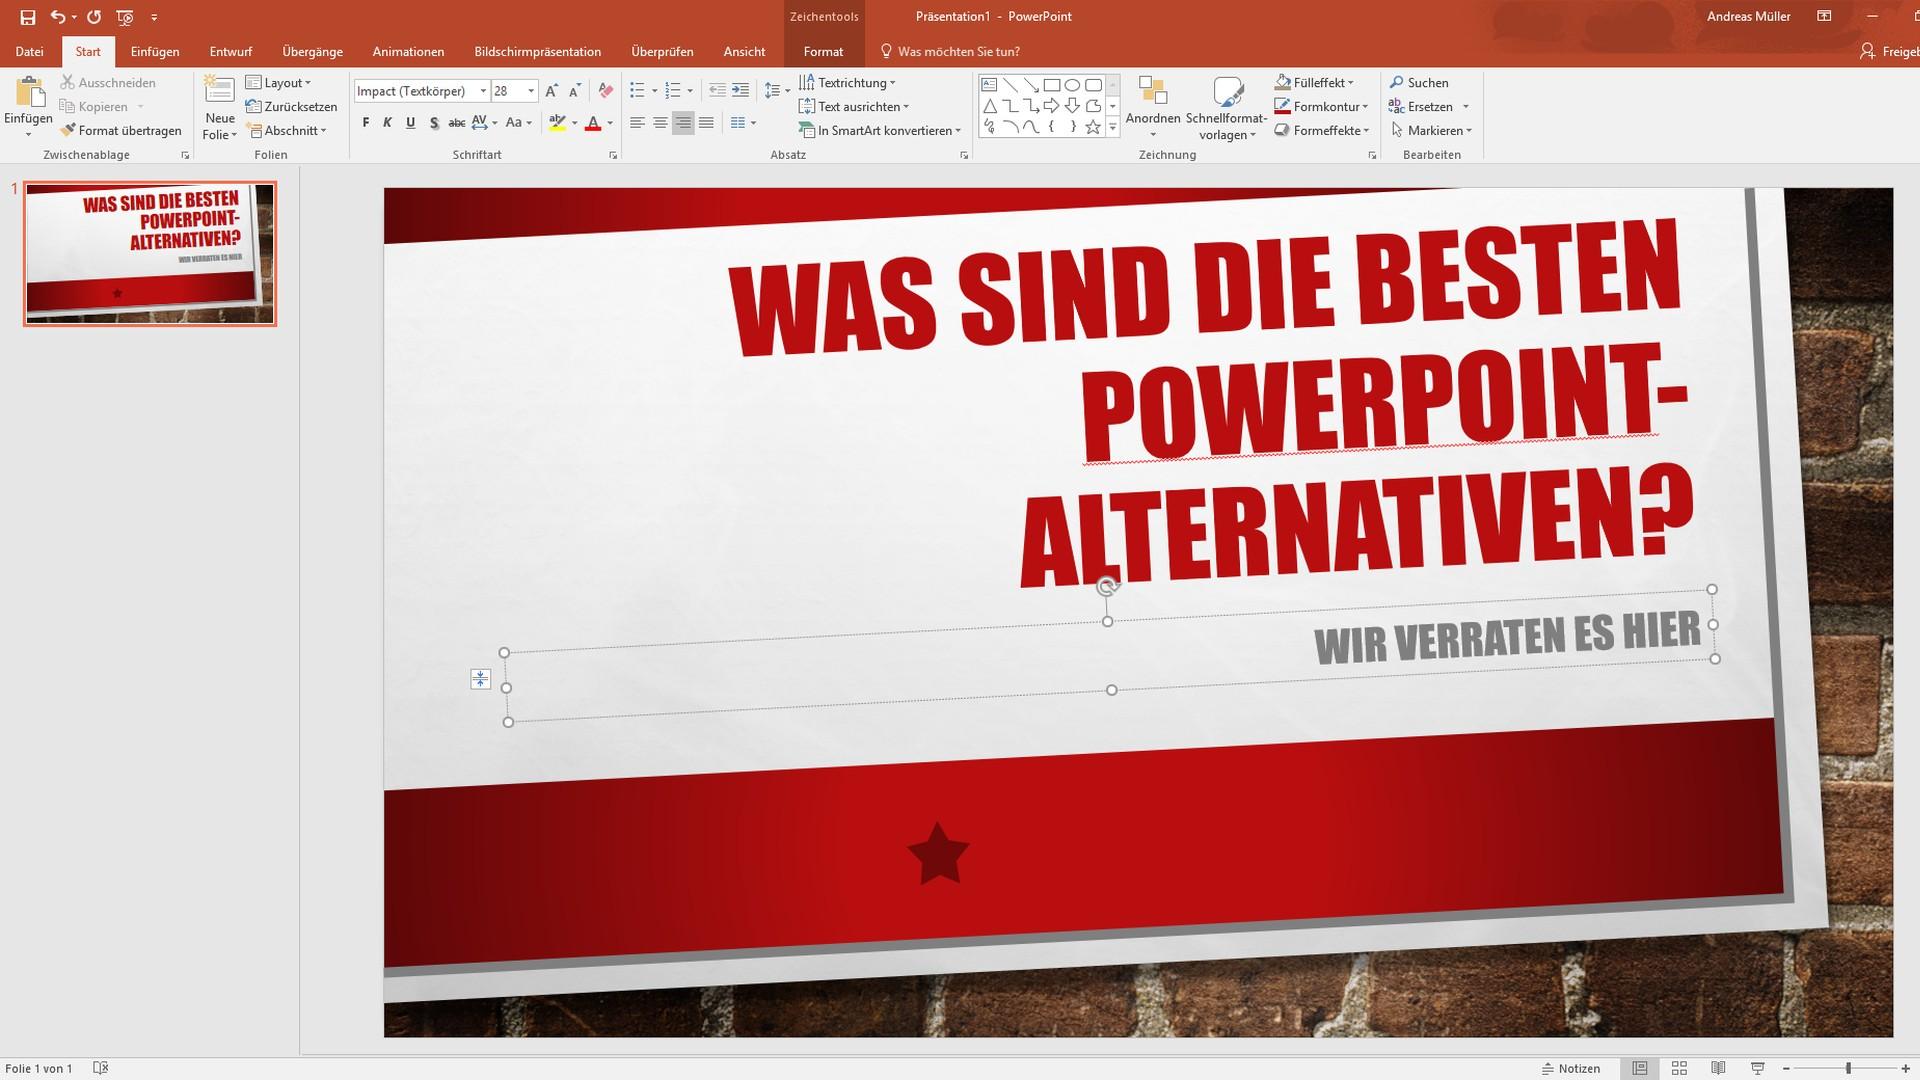 Das sind die 6 besten Alternativen zu PowerPoint